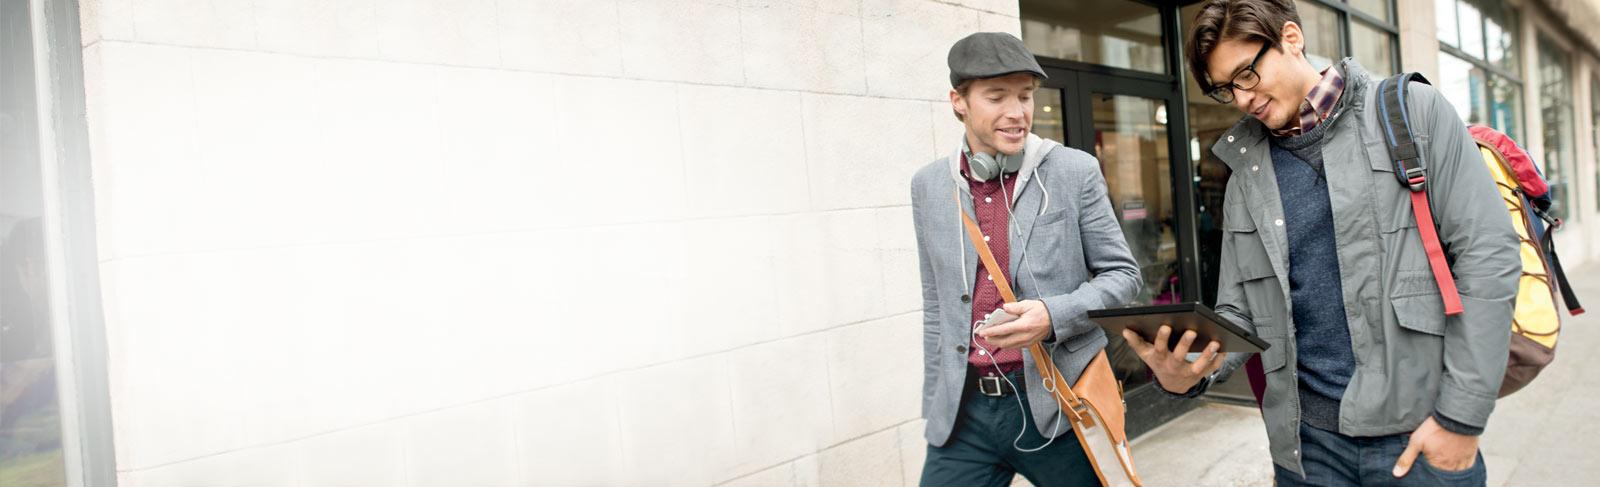 Dos hombres caminando por la calle y utilizando Office 365 en una tableta.